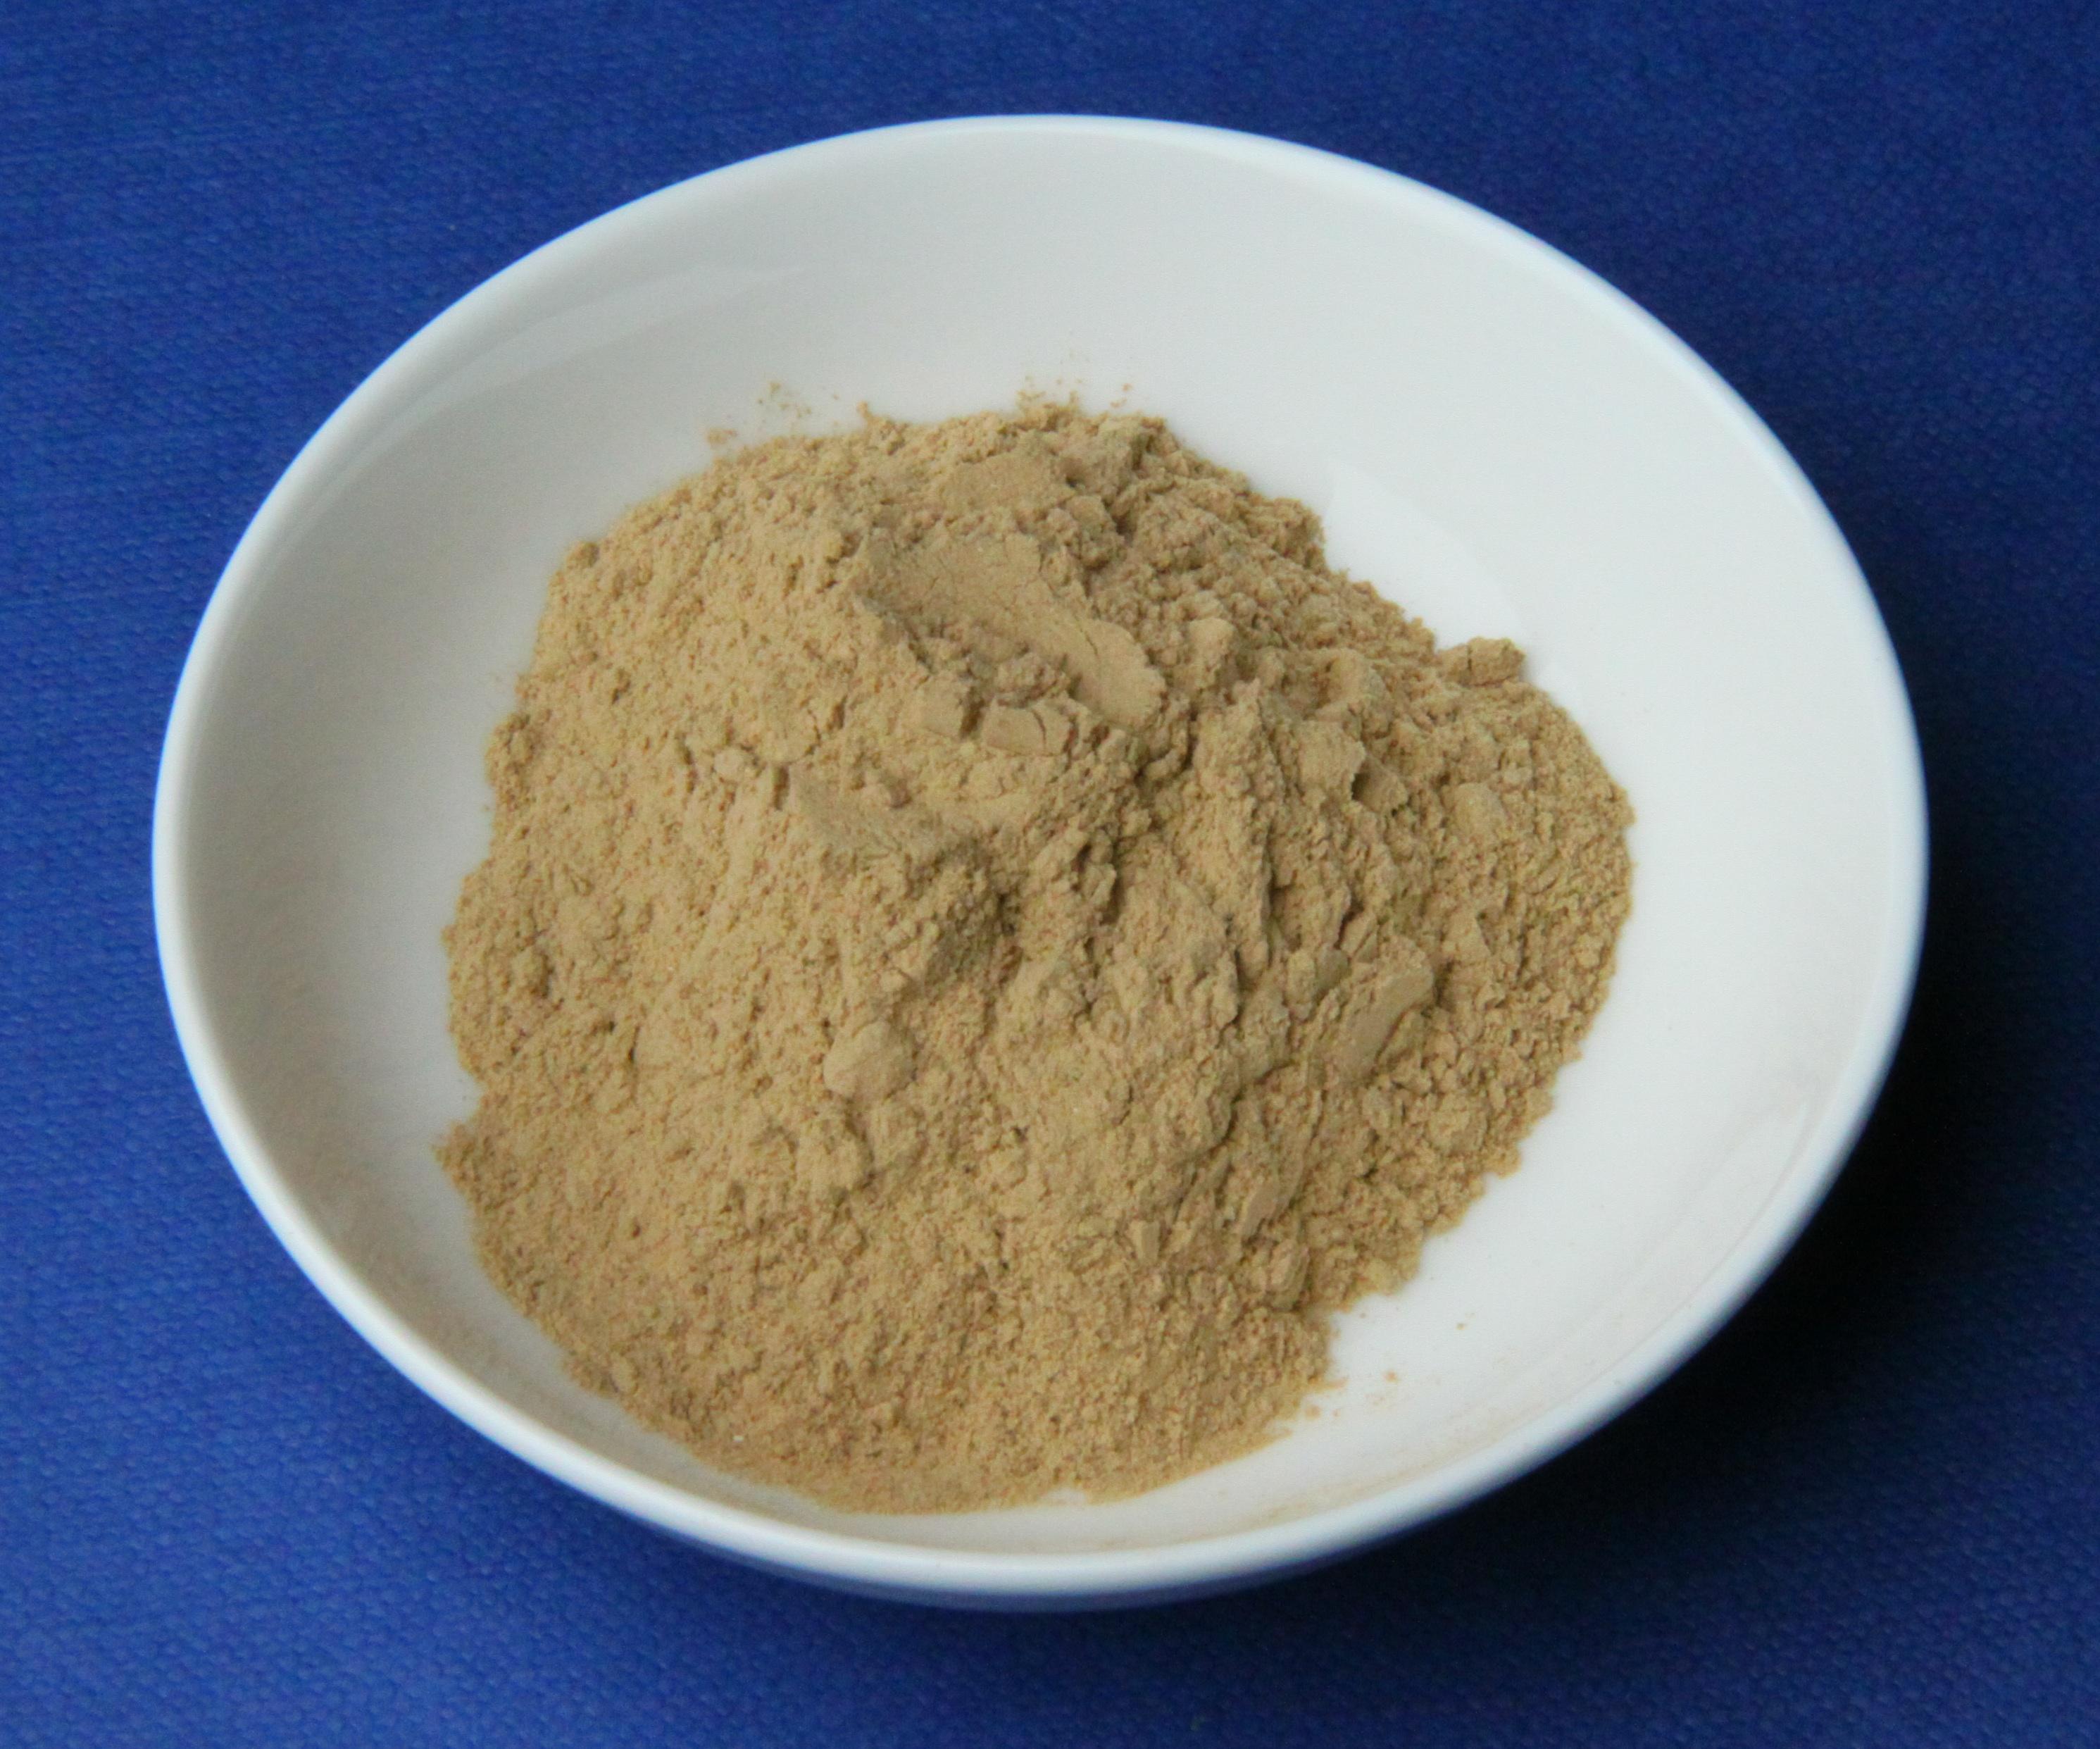 Medicinal clay - Wikipedia